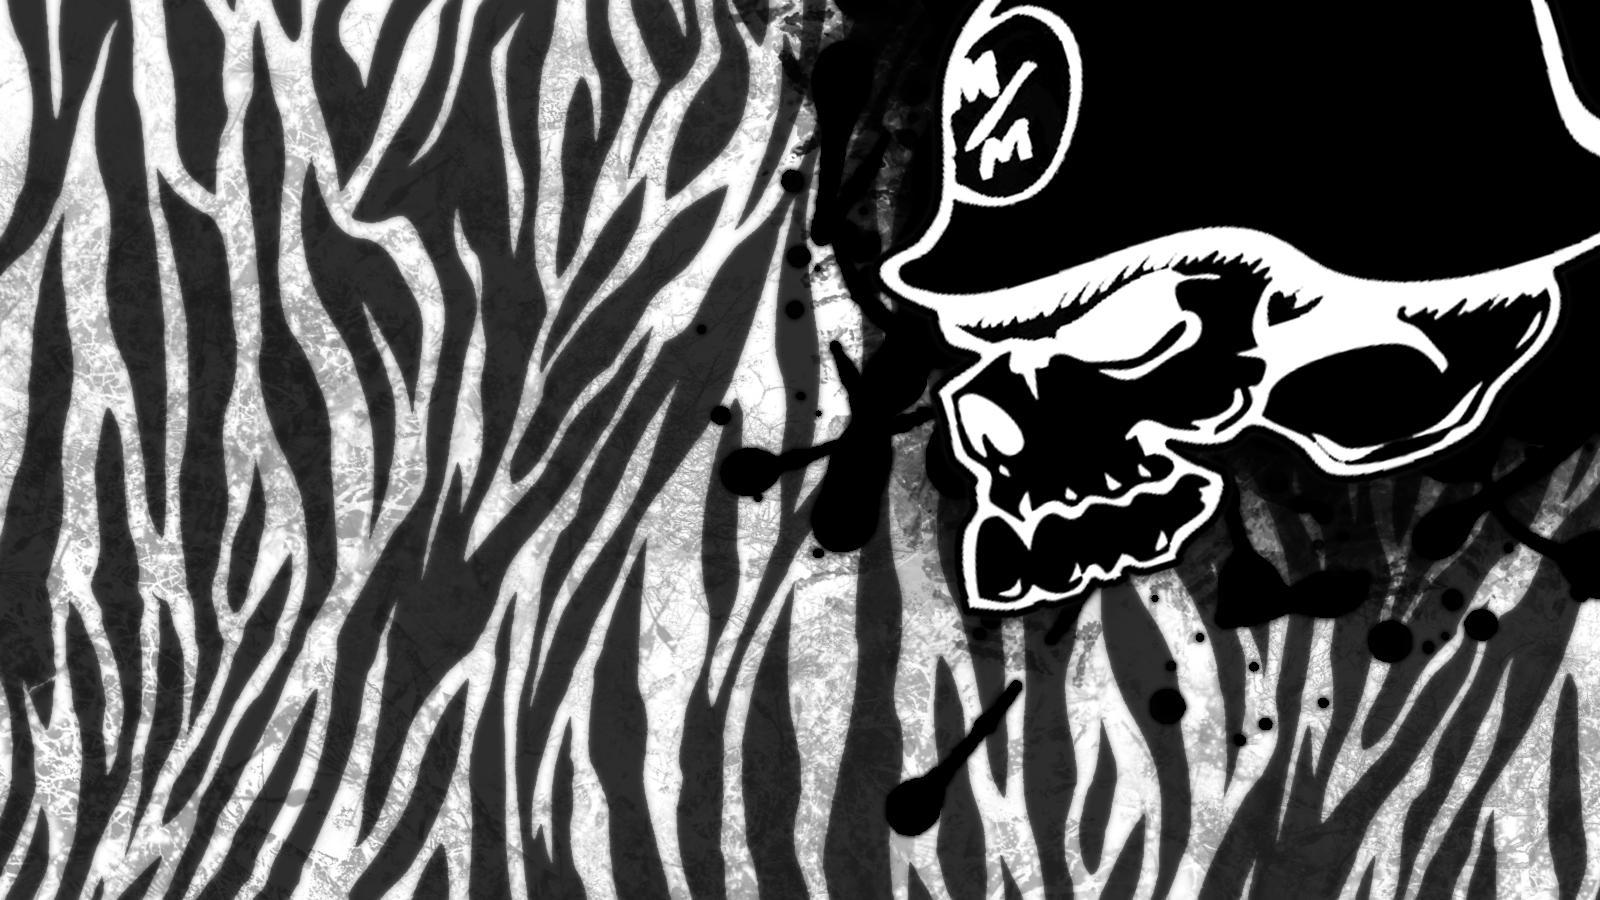 Metal Mulisha Wallpapers - Wallpaper Cave